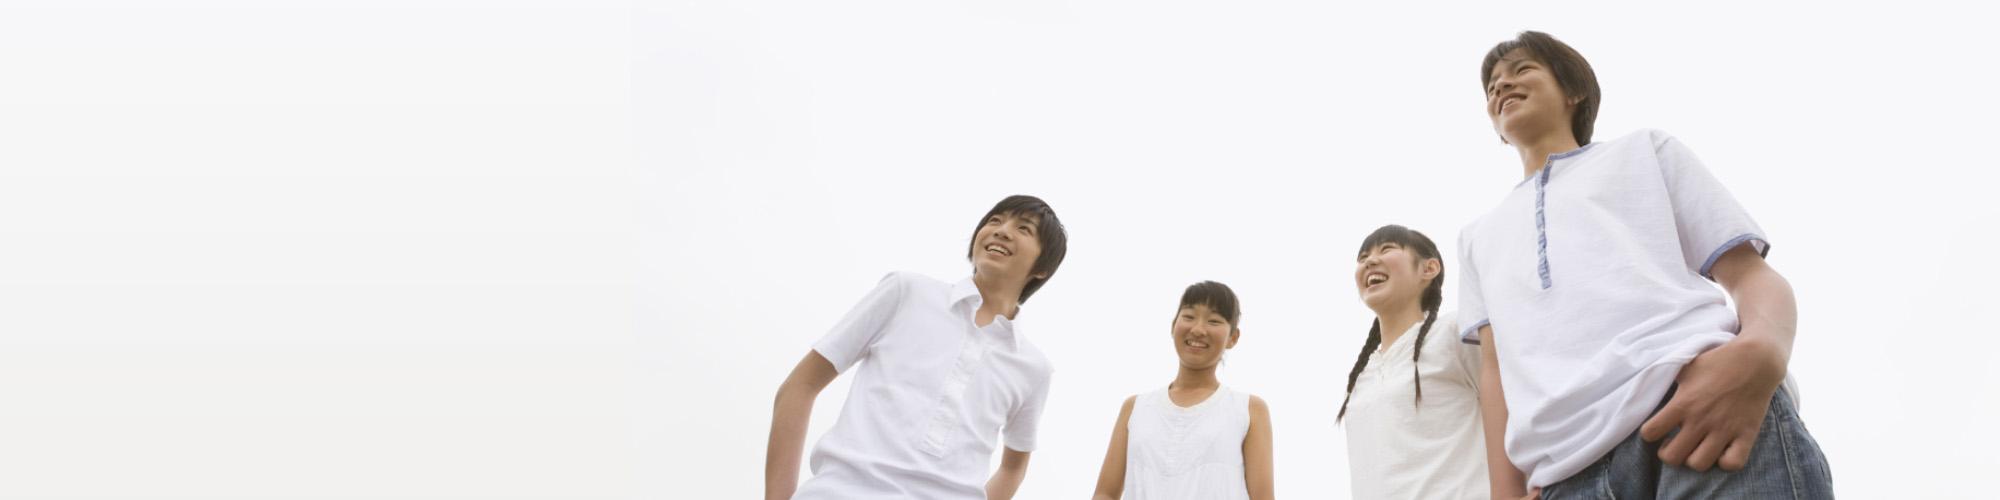 ≪東海地区≫AYA世代がん患者・家族支援ネットワーク構築プログラム